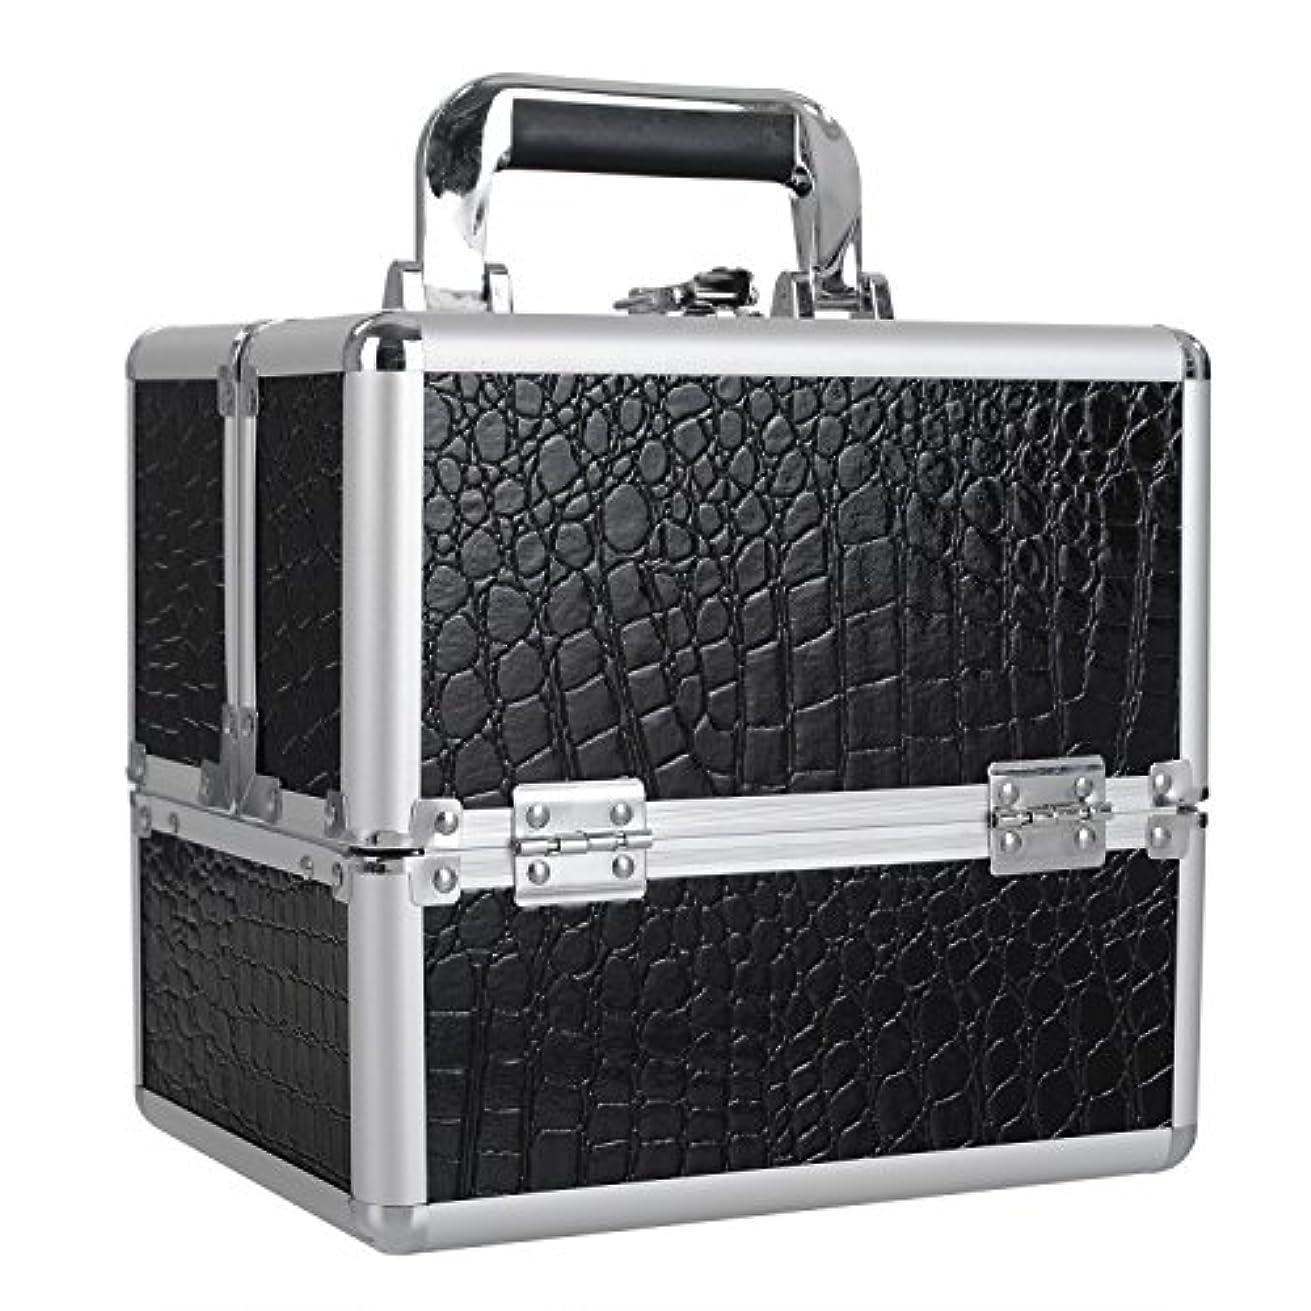 時々時々腐敗踊り子[プロ仕様]Hapilife メイクボックス 大容量 4つトレイ 可動仕切り付き 幅25cm 中型 ネイルグッズ 化粧品 メイク道具 収納ボックス ブラック